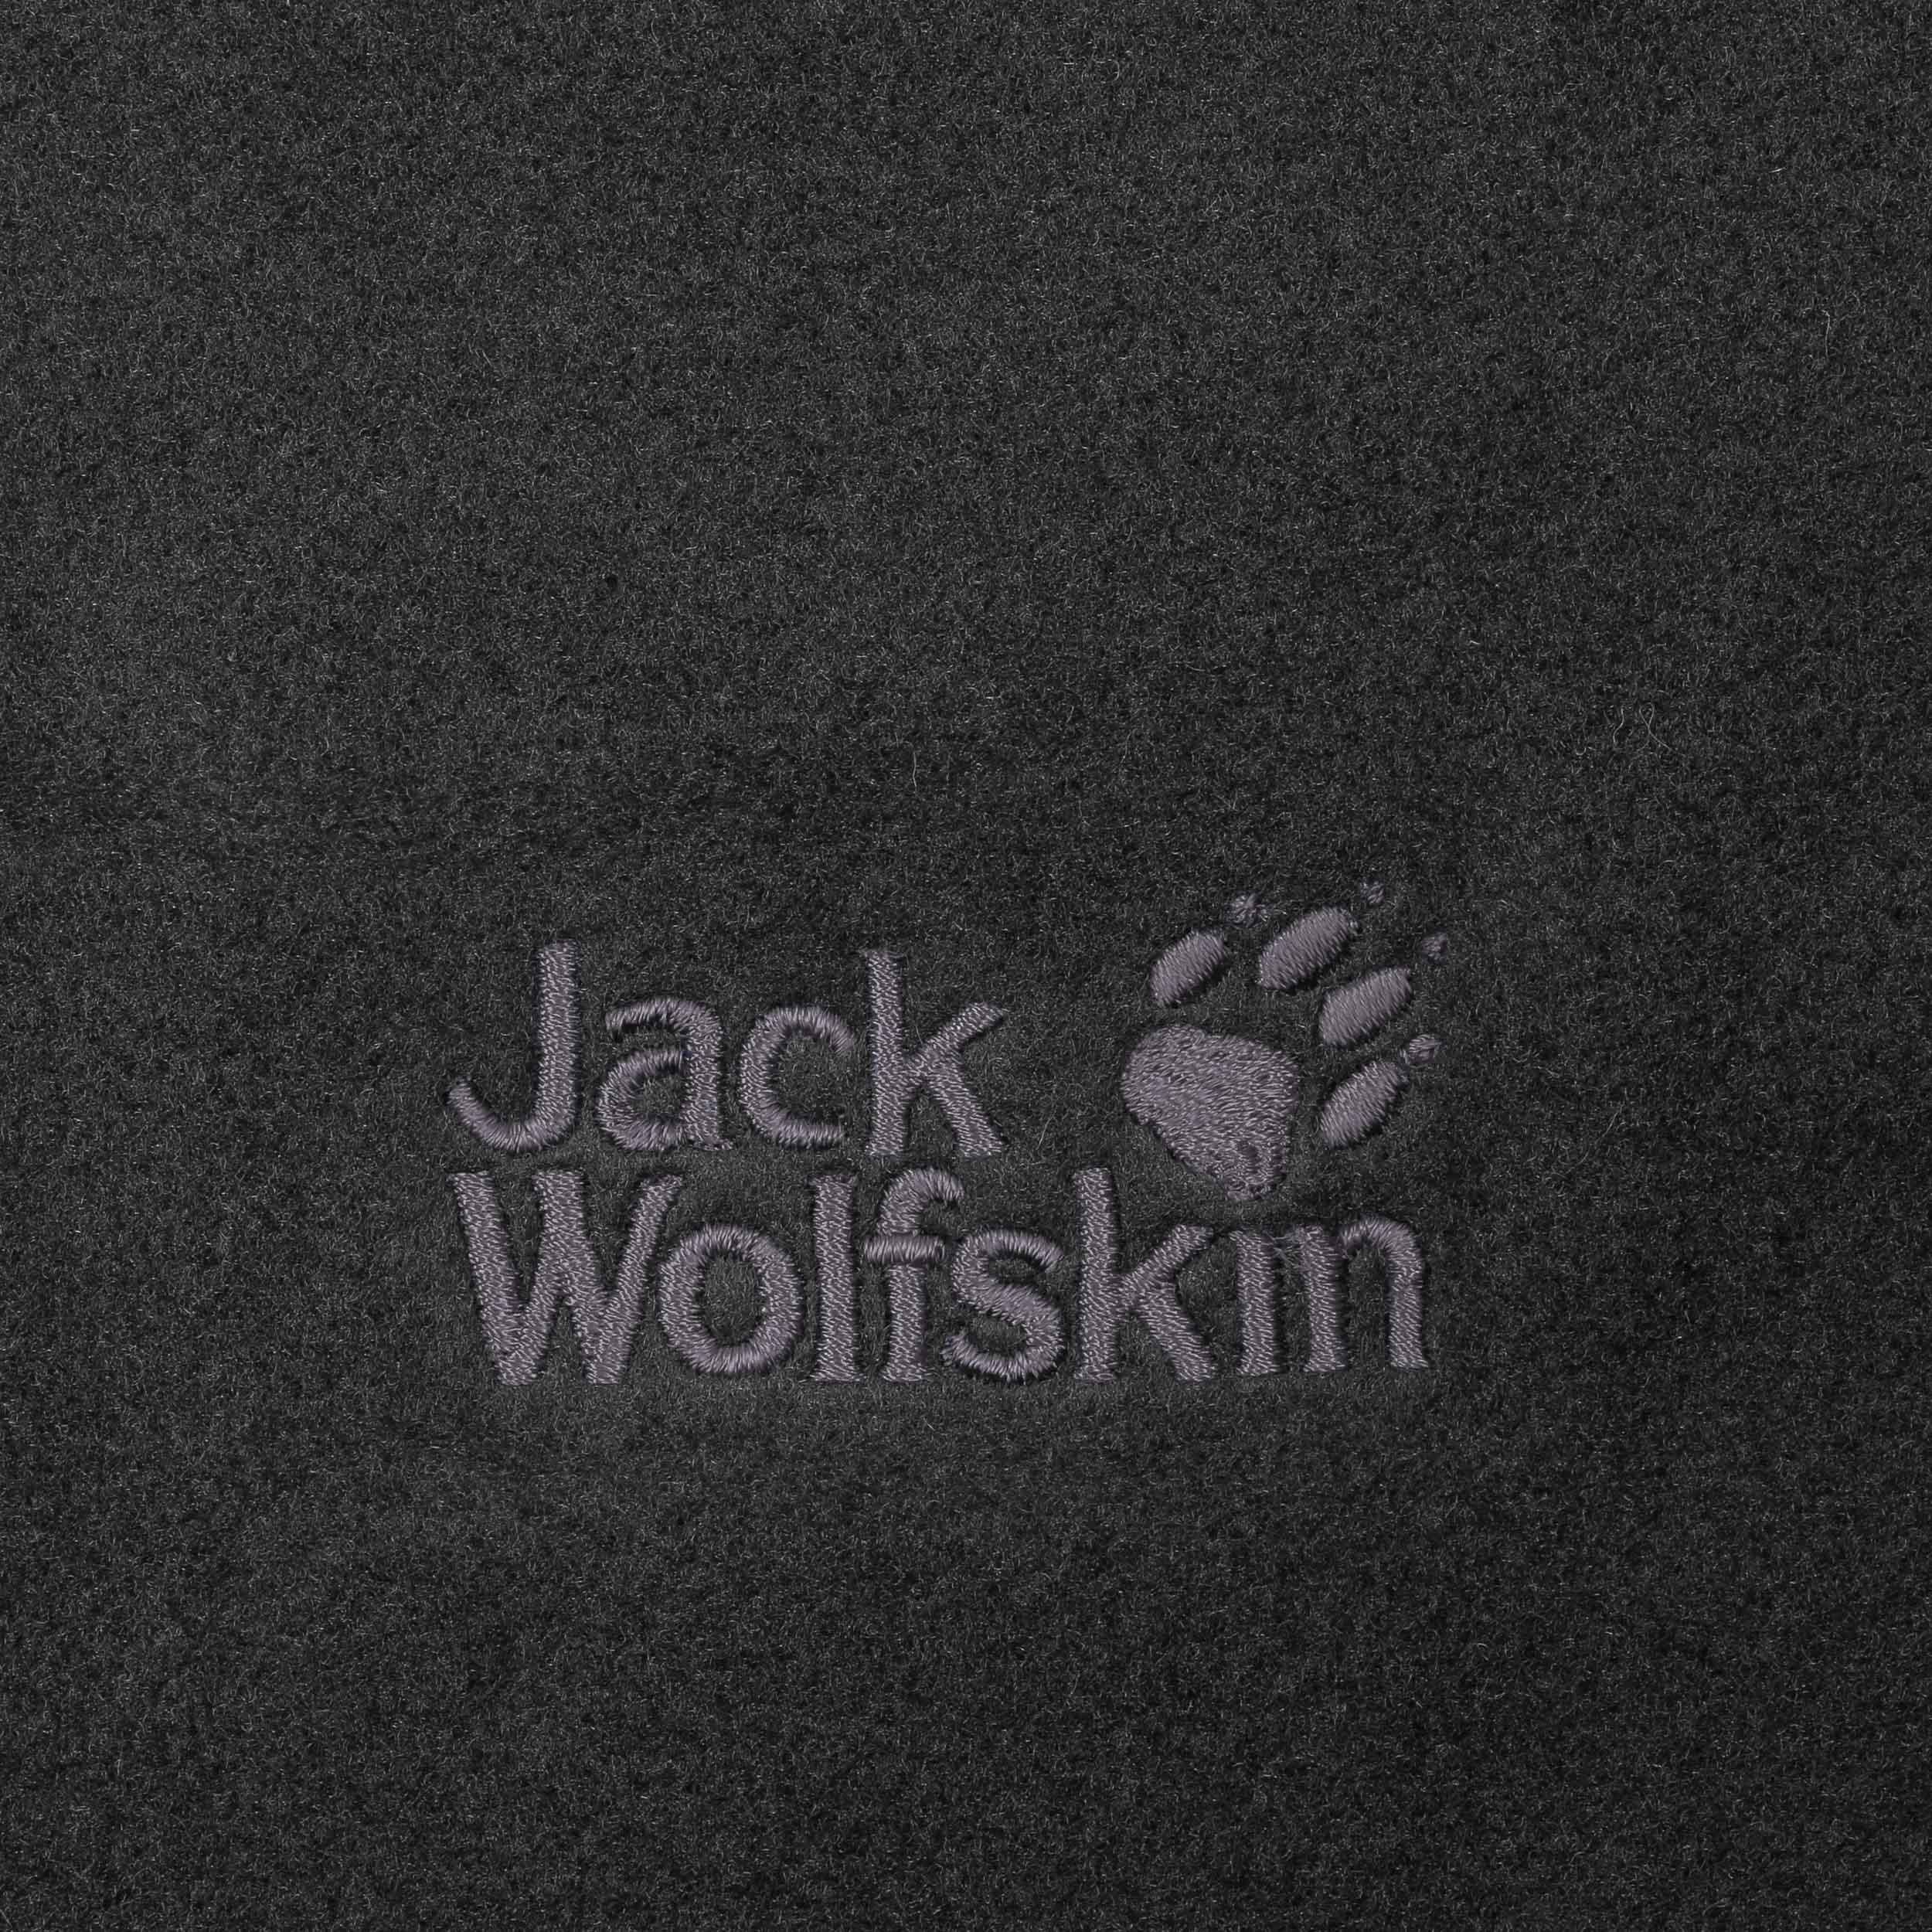 Wolfskin By Scarf Jack Vertigo Fleece mw8Nn0v